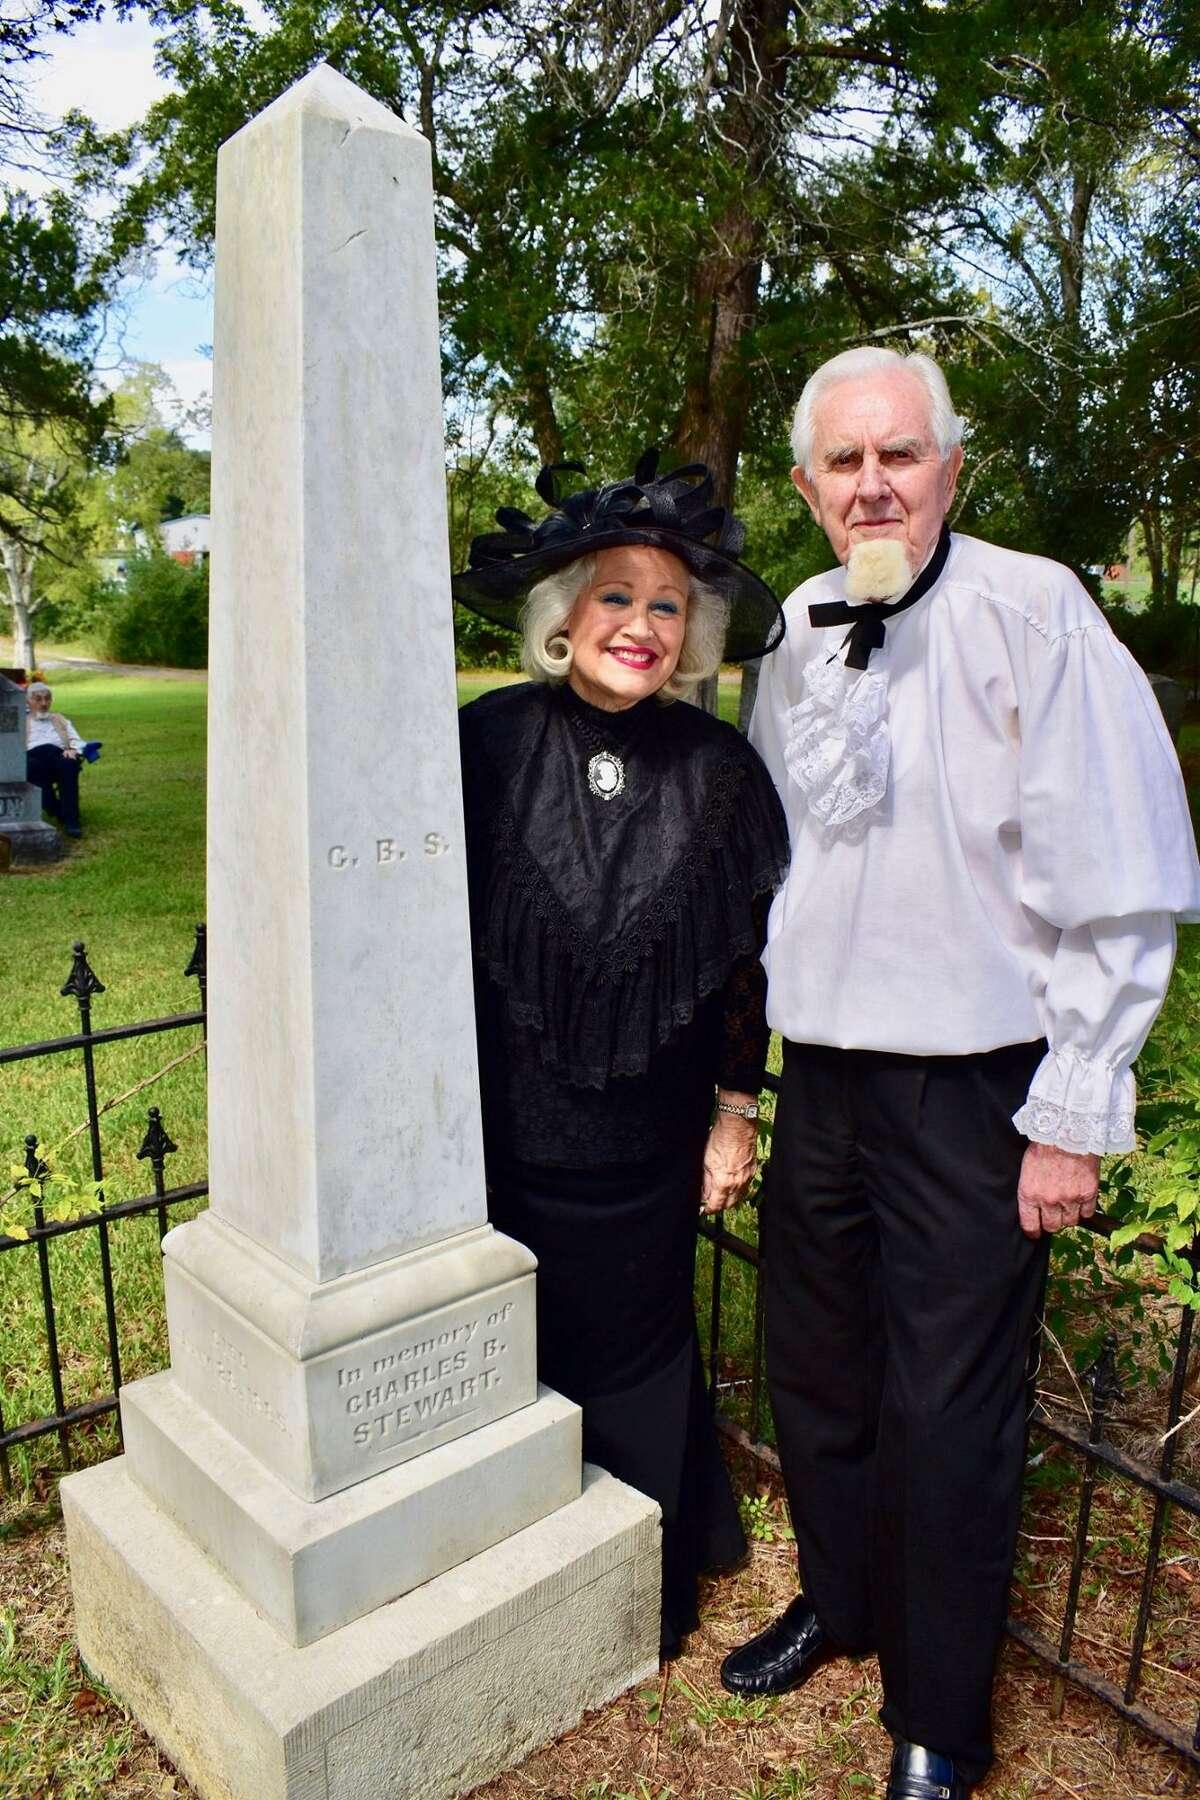 Pat Spackey as Julia Shepperd Stewart and Jack Shepherd as Charles B. Stewart at the gravesite of Charles B. Stewart.